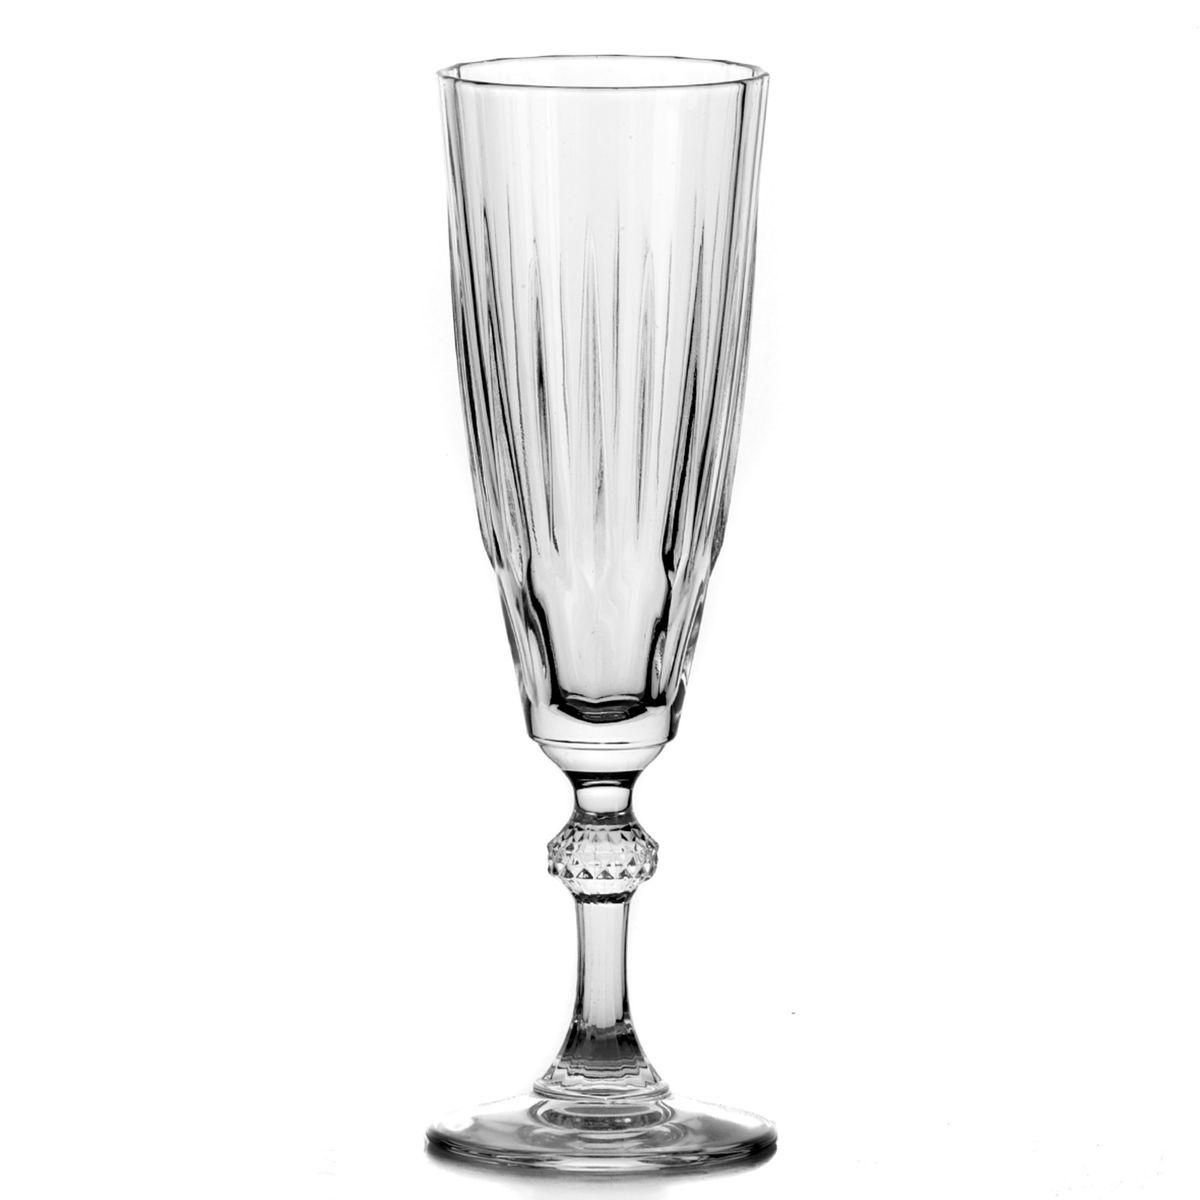 Набор бокалов Pasabahce Diamond, 170 мл, 3 штVT-1520(SR)Набор Pasabahce Diamond состоит из трех граненых бокалов, выполненных из натрий-кальций-силикатного стекла. Изделия оснащены элегантными ножками. Бокалы сочетают в себе изысканный дизайн и функциональность. Благодаря такому набору пить напитки будет еще вкуснее.Набор бокалов Pasabahce Diamond прекрасно оформит праздничный стол и создаст приятную атмосферу за романтическим ужином. Такой набор также станет хорошим подарком к любому случаю. Можно мыть в посудомоечной машине.Диаметр бокала (по верхнему краю): 6 см. Высота бокала: 21 см.